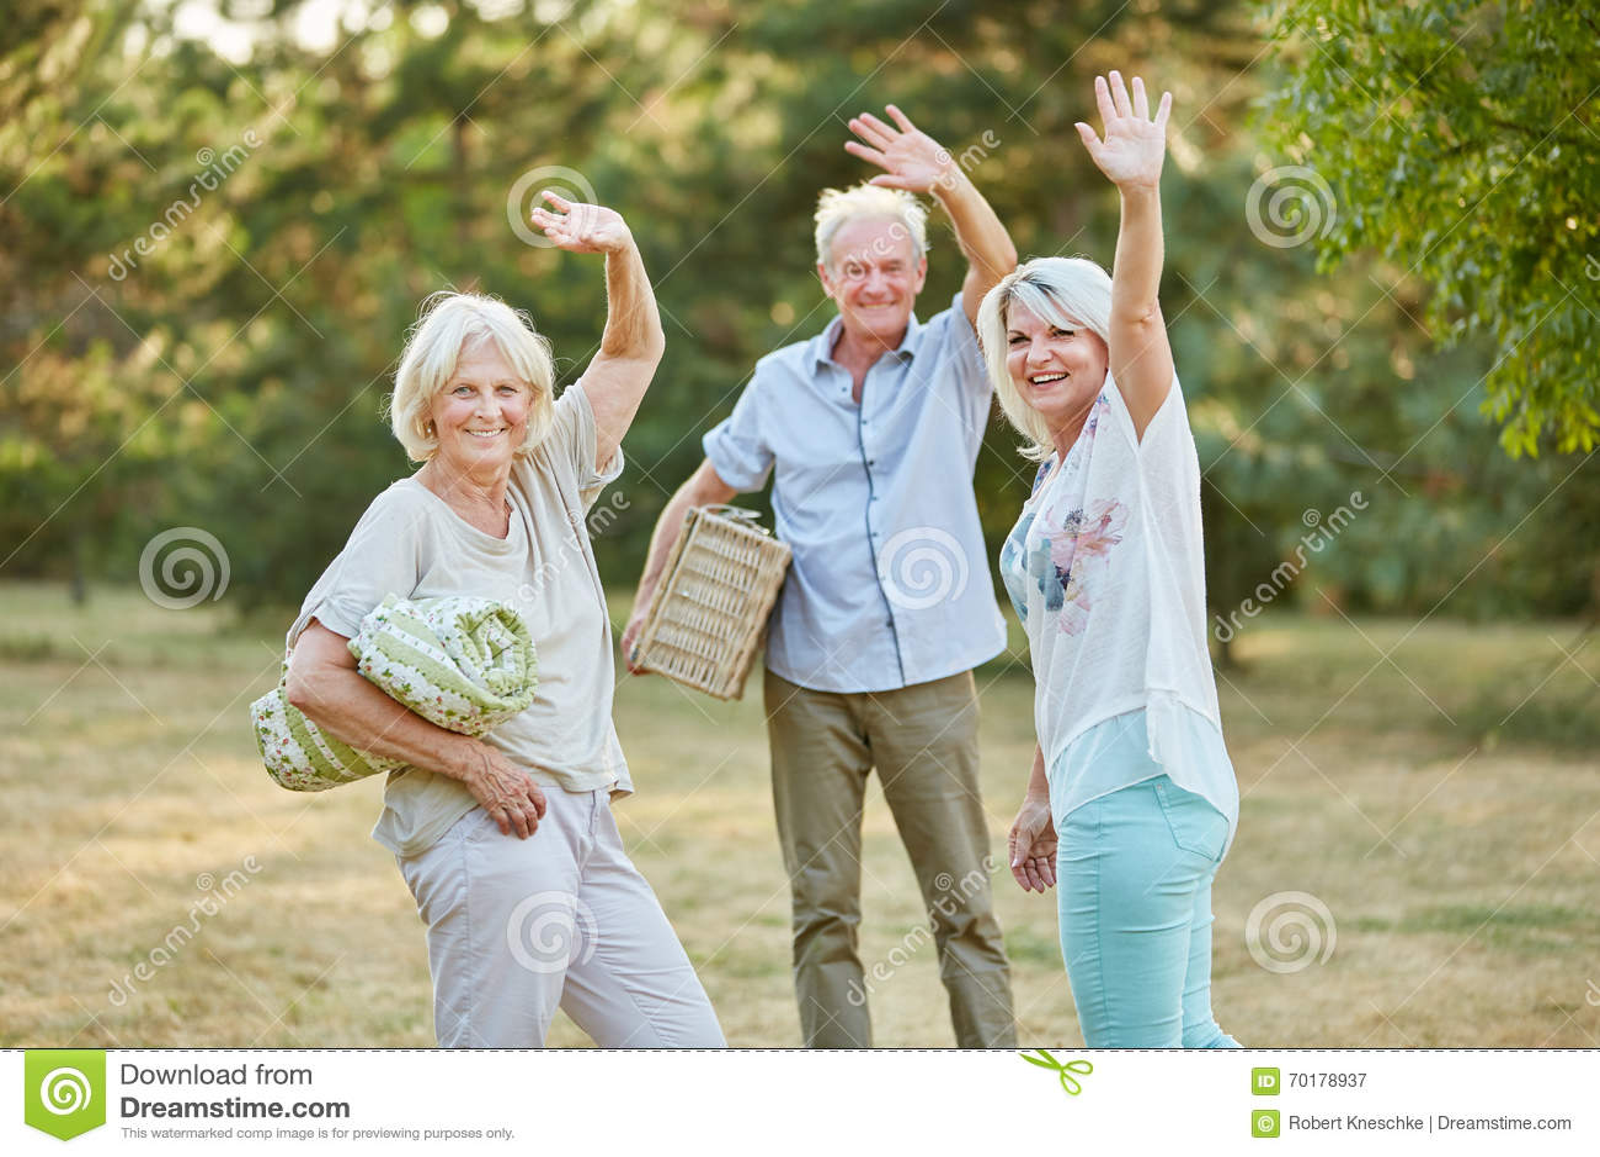 Pensionärer gör ett picnnic och en våg